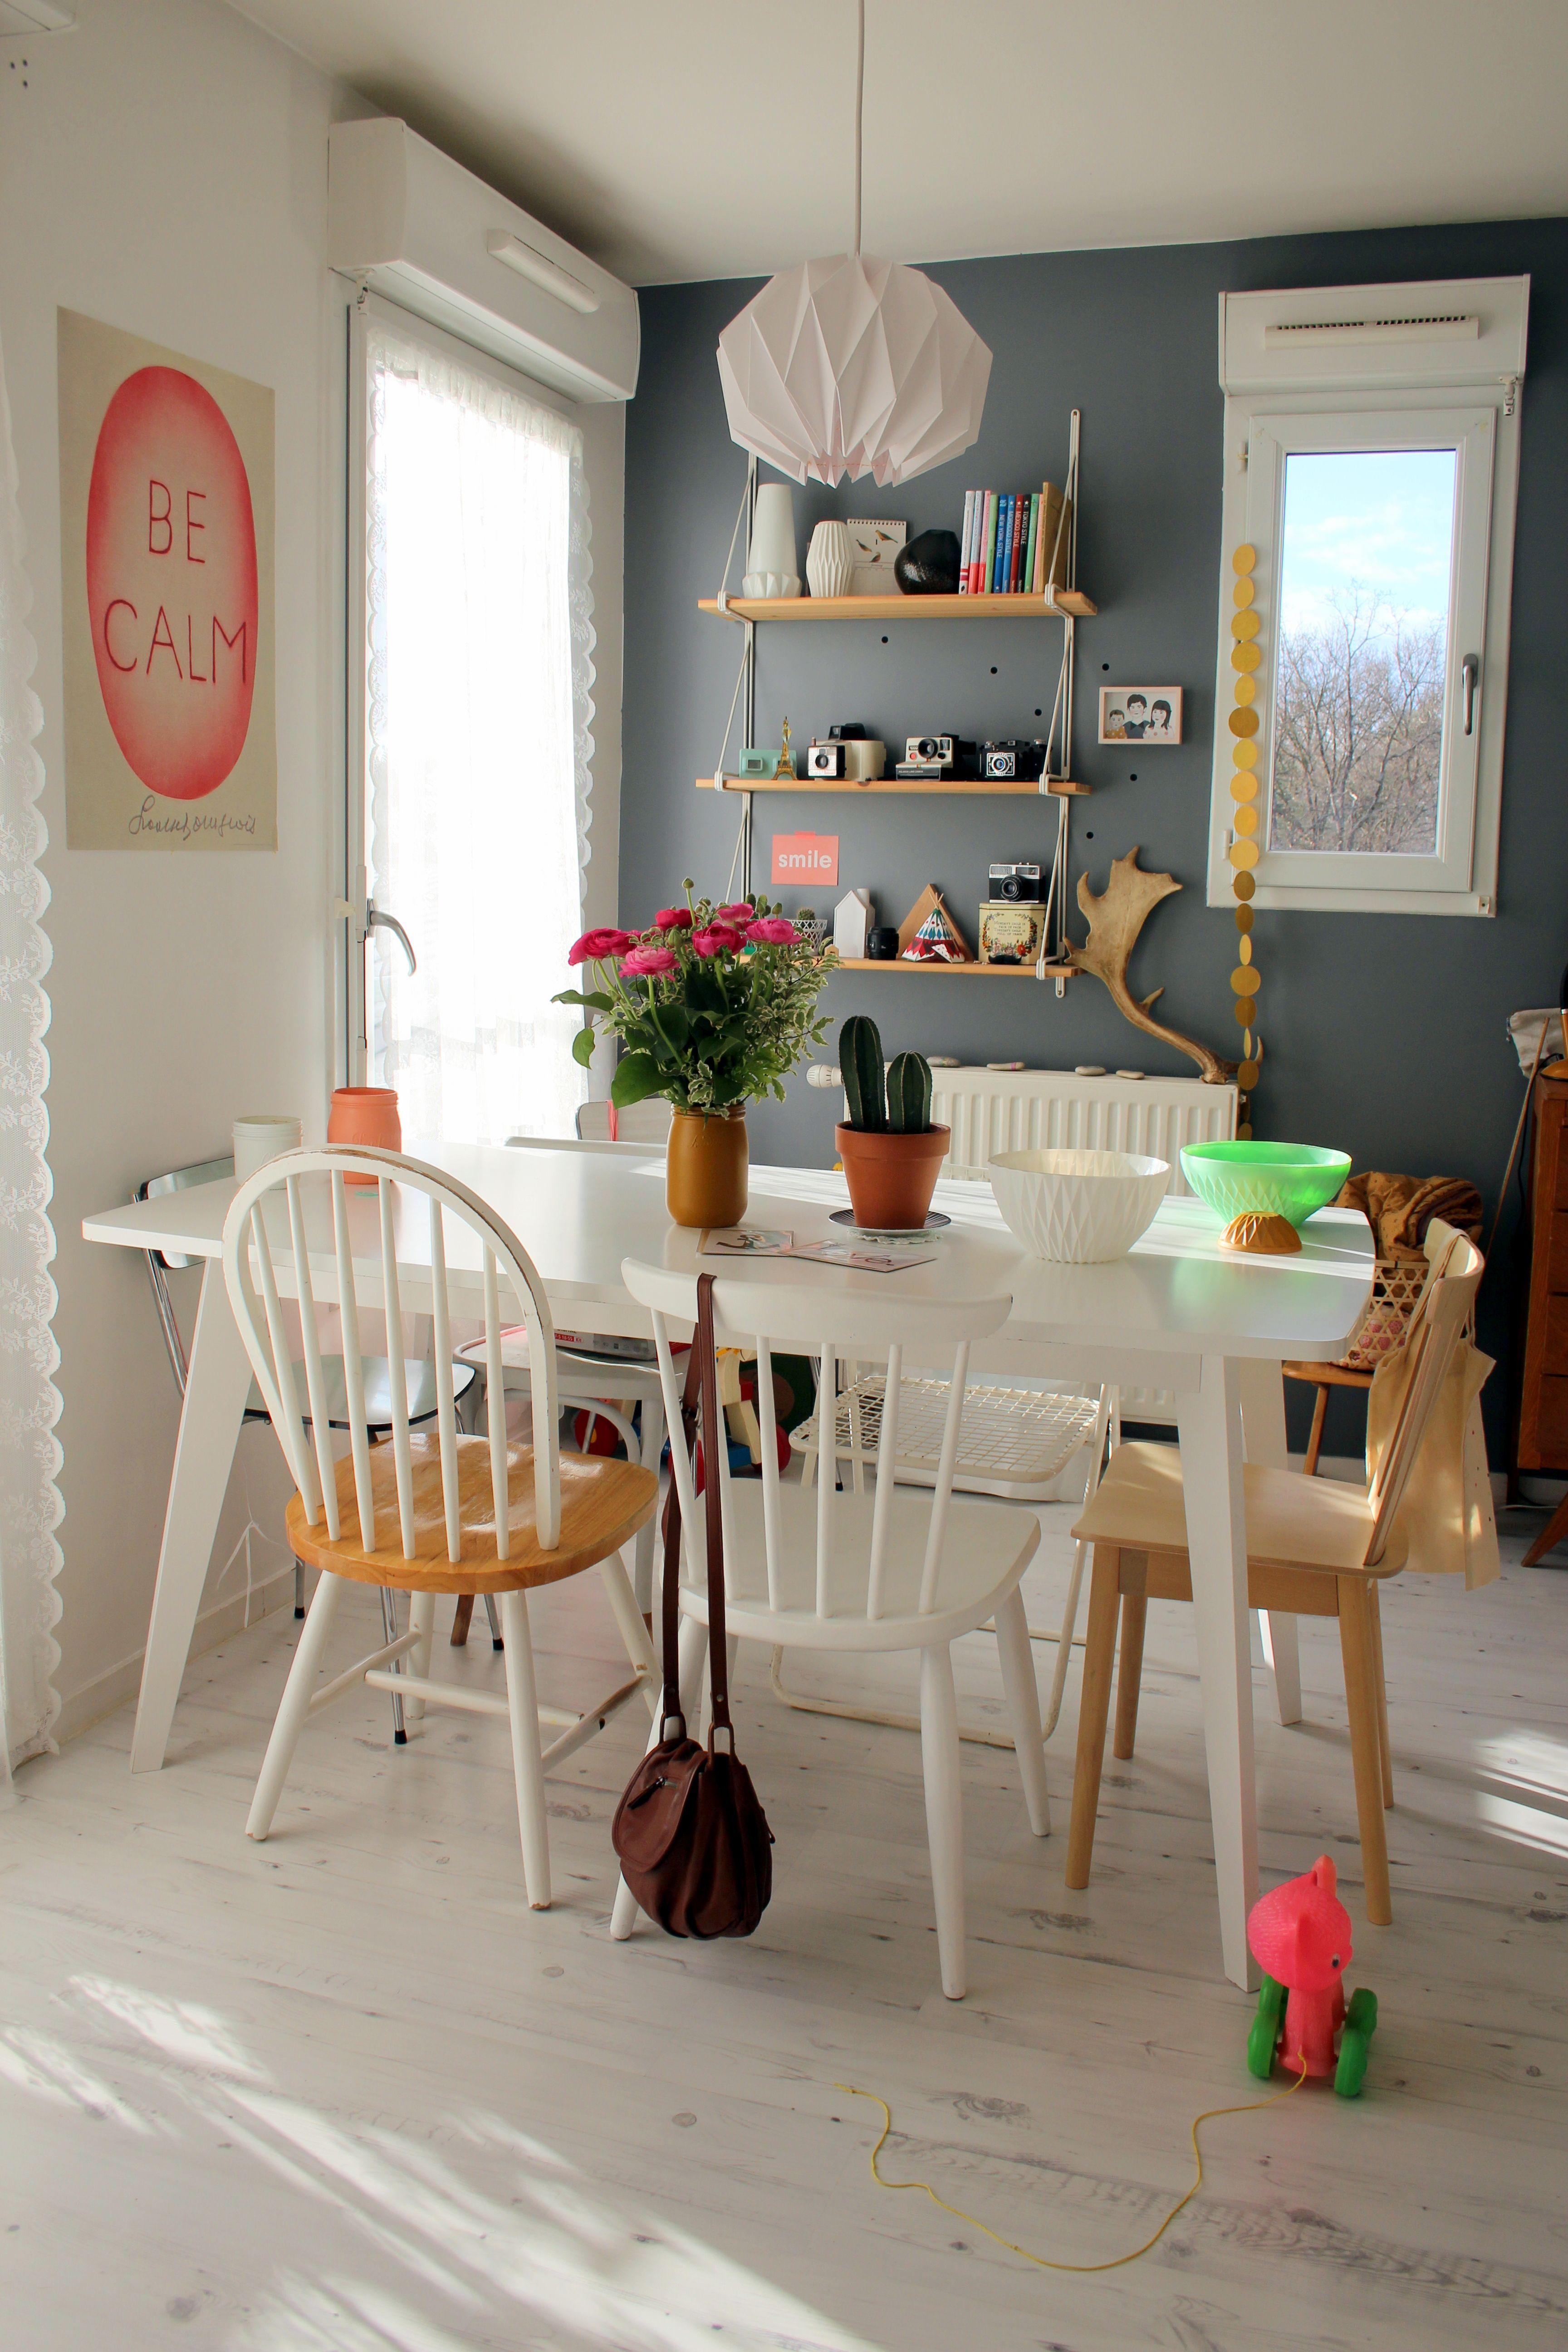 Dining boho styl arredamento casa cucina eclettica e for Idee interni casa